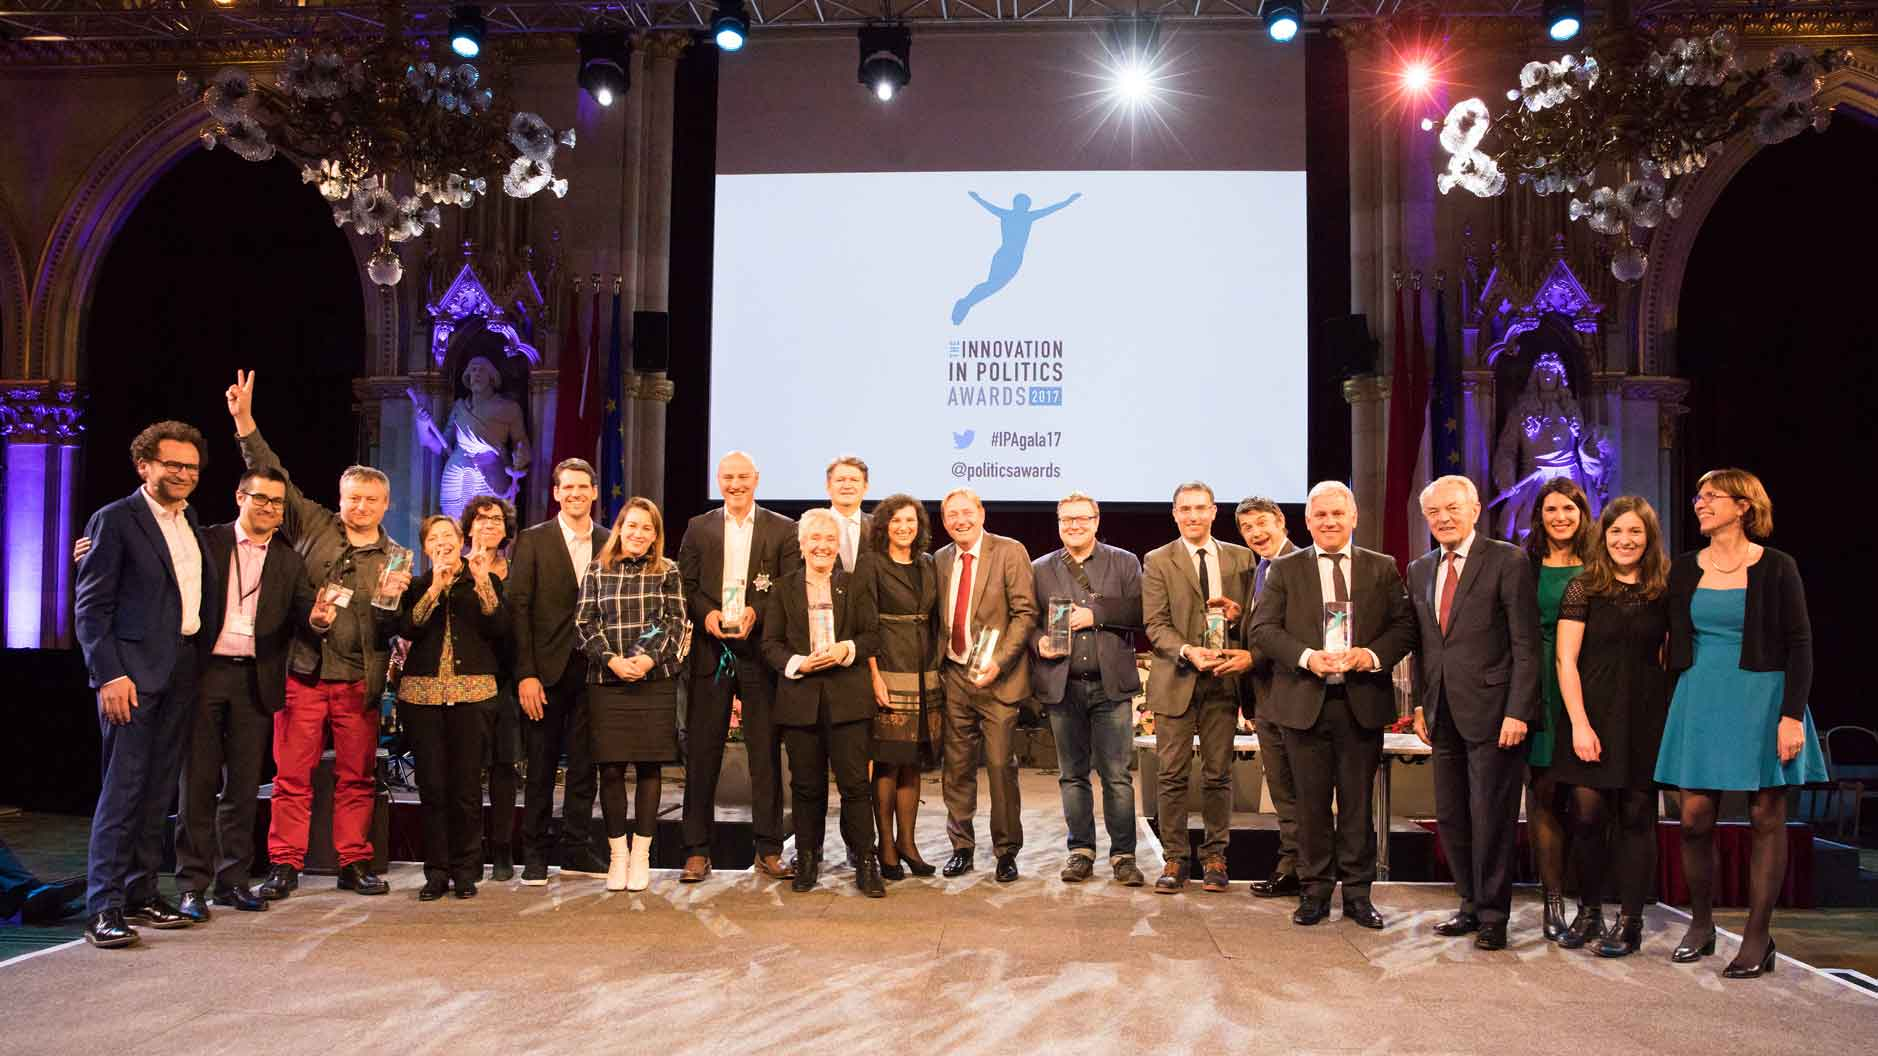 Aus Österreich gewann zwar kein Projekt, aber auch die anderen Projekte sind sehr interessant und nachahmenswert. ©www.sebastianphilipp.com